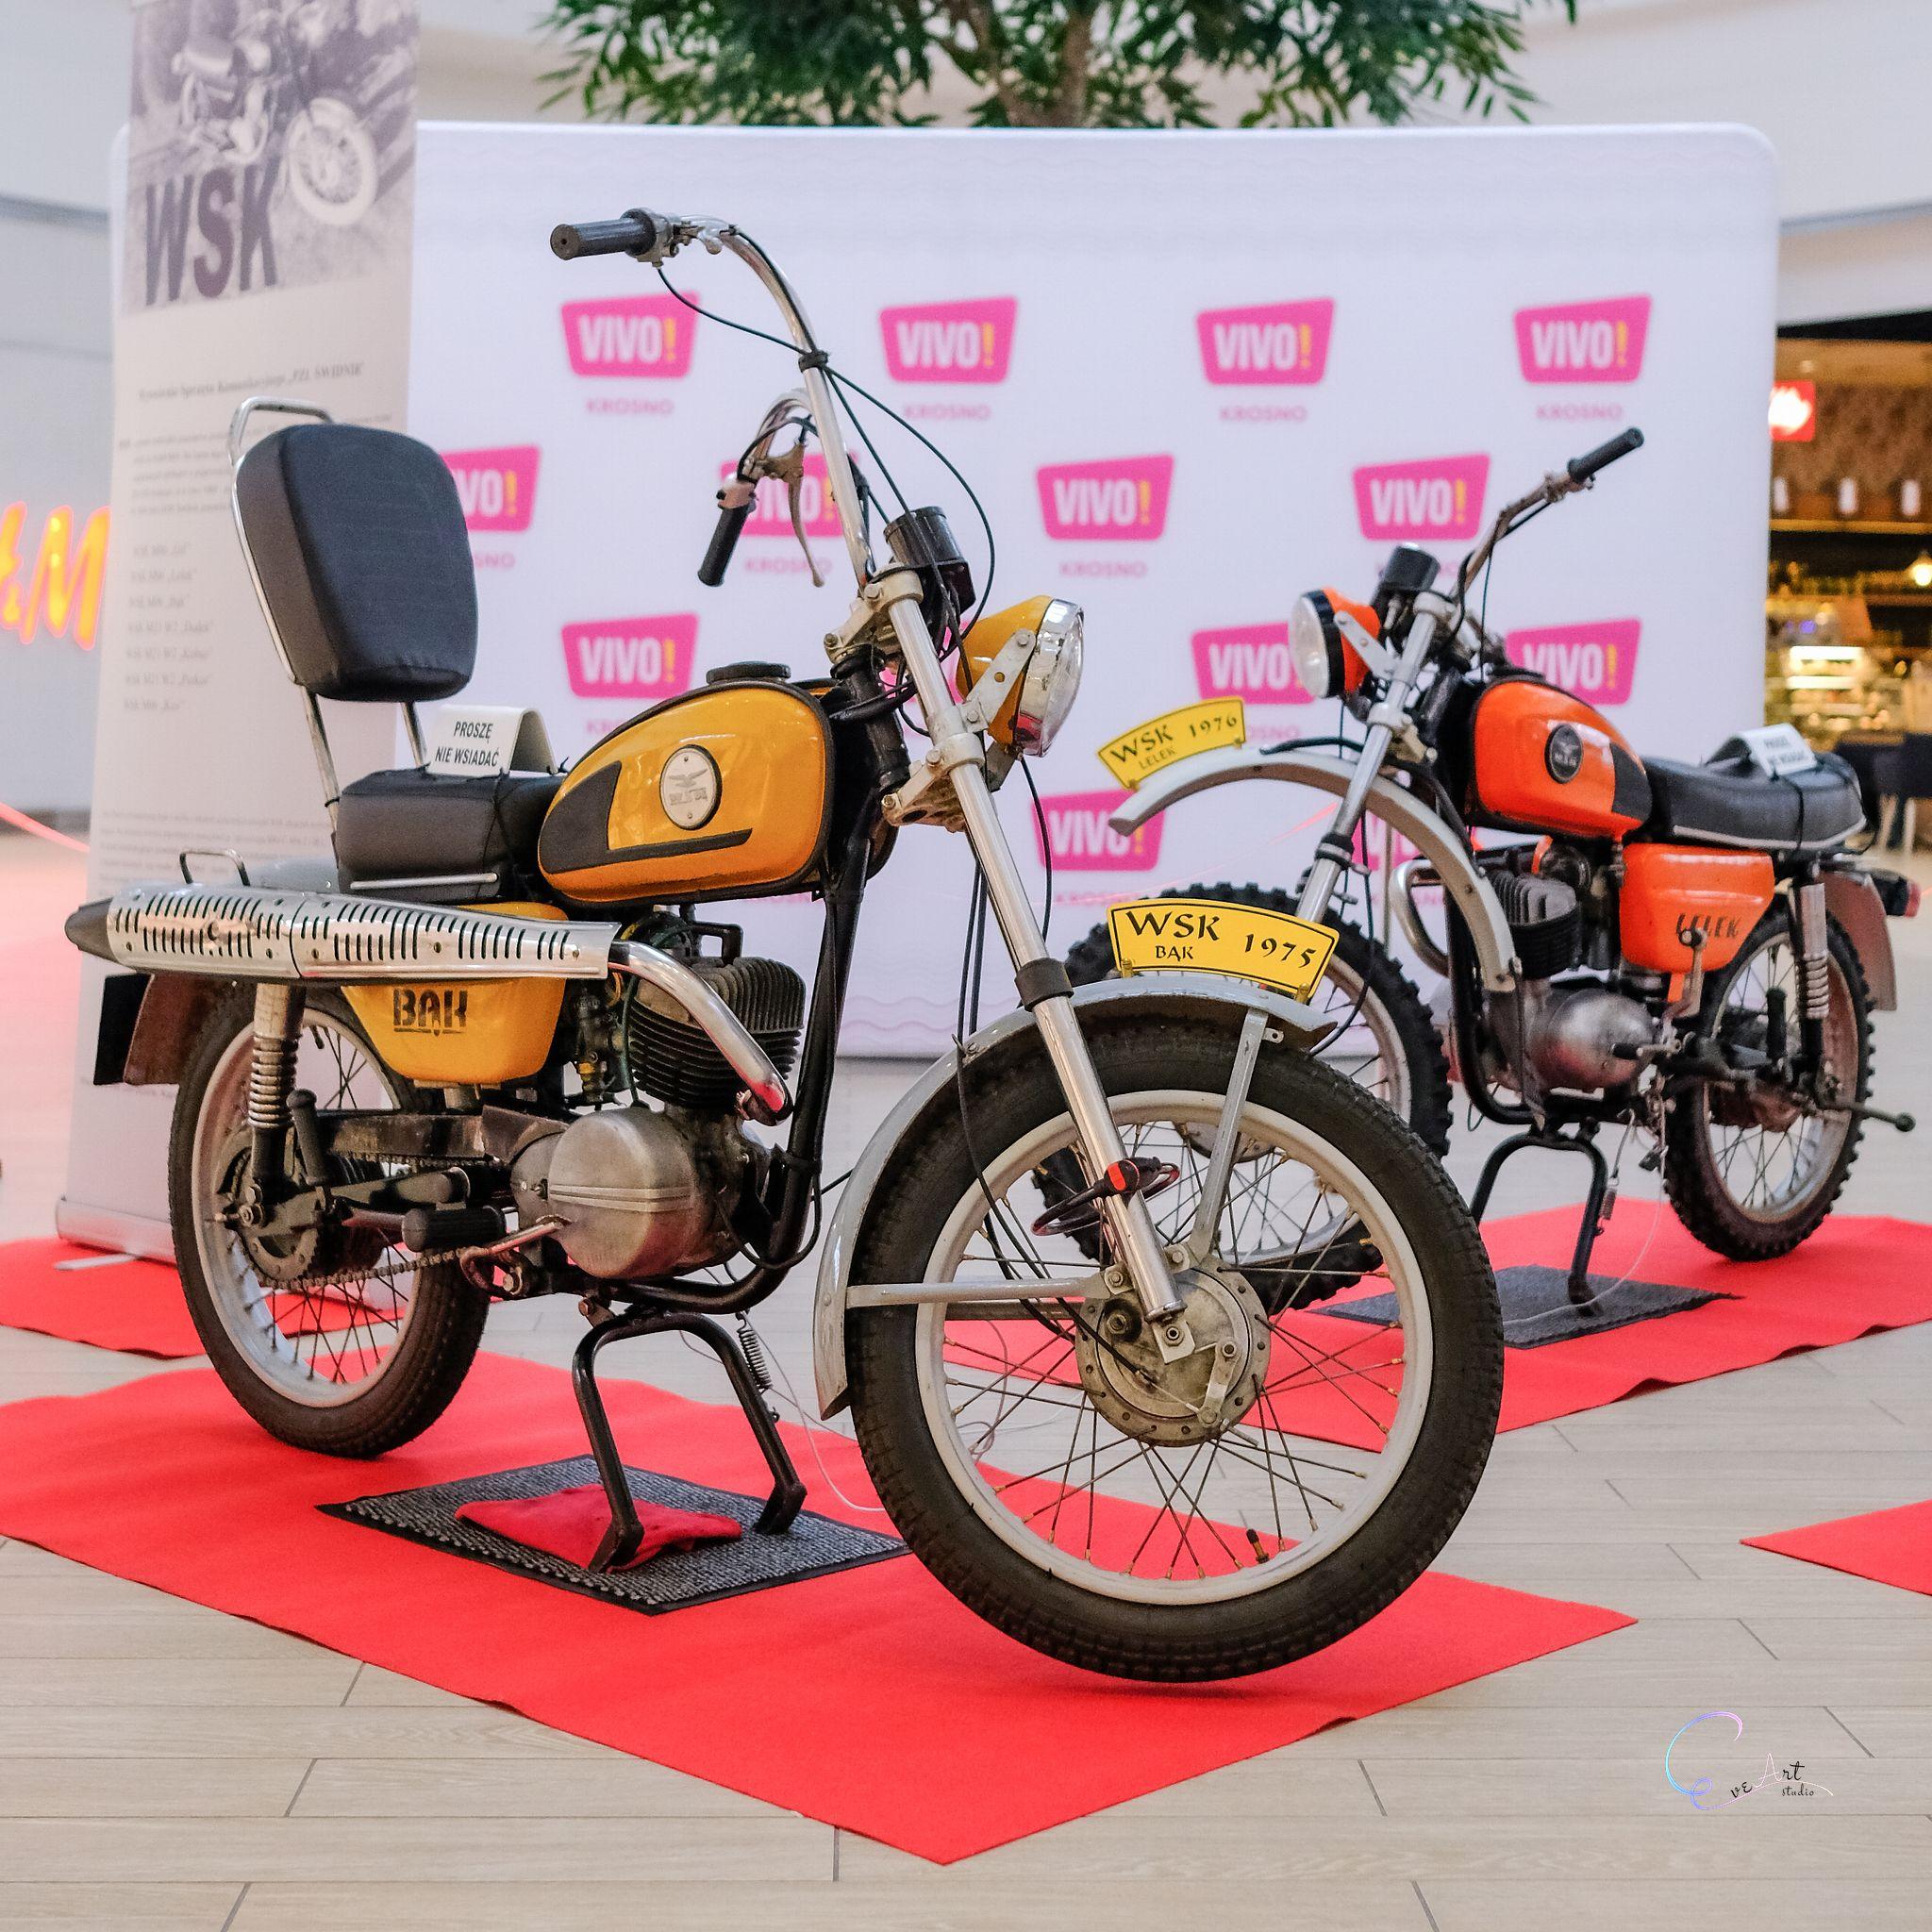 Kultowe motocykle marki WSK zawitały do VIVO! Krosno